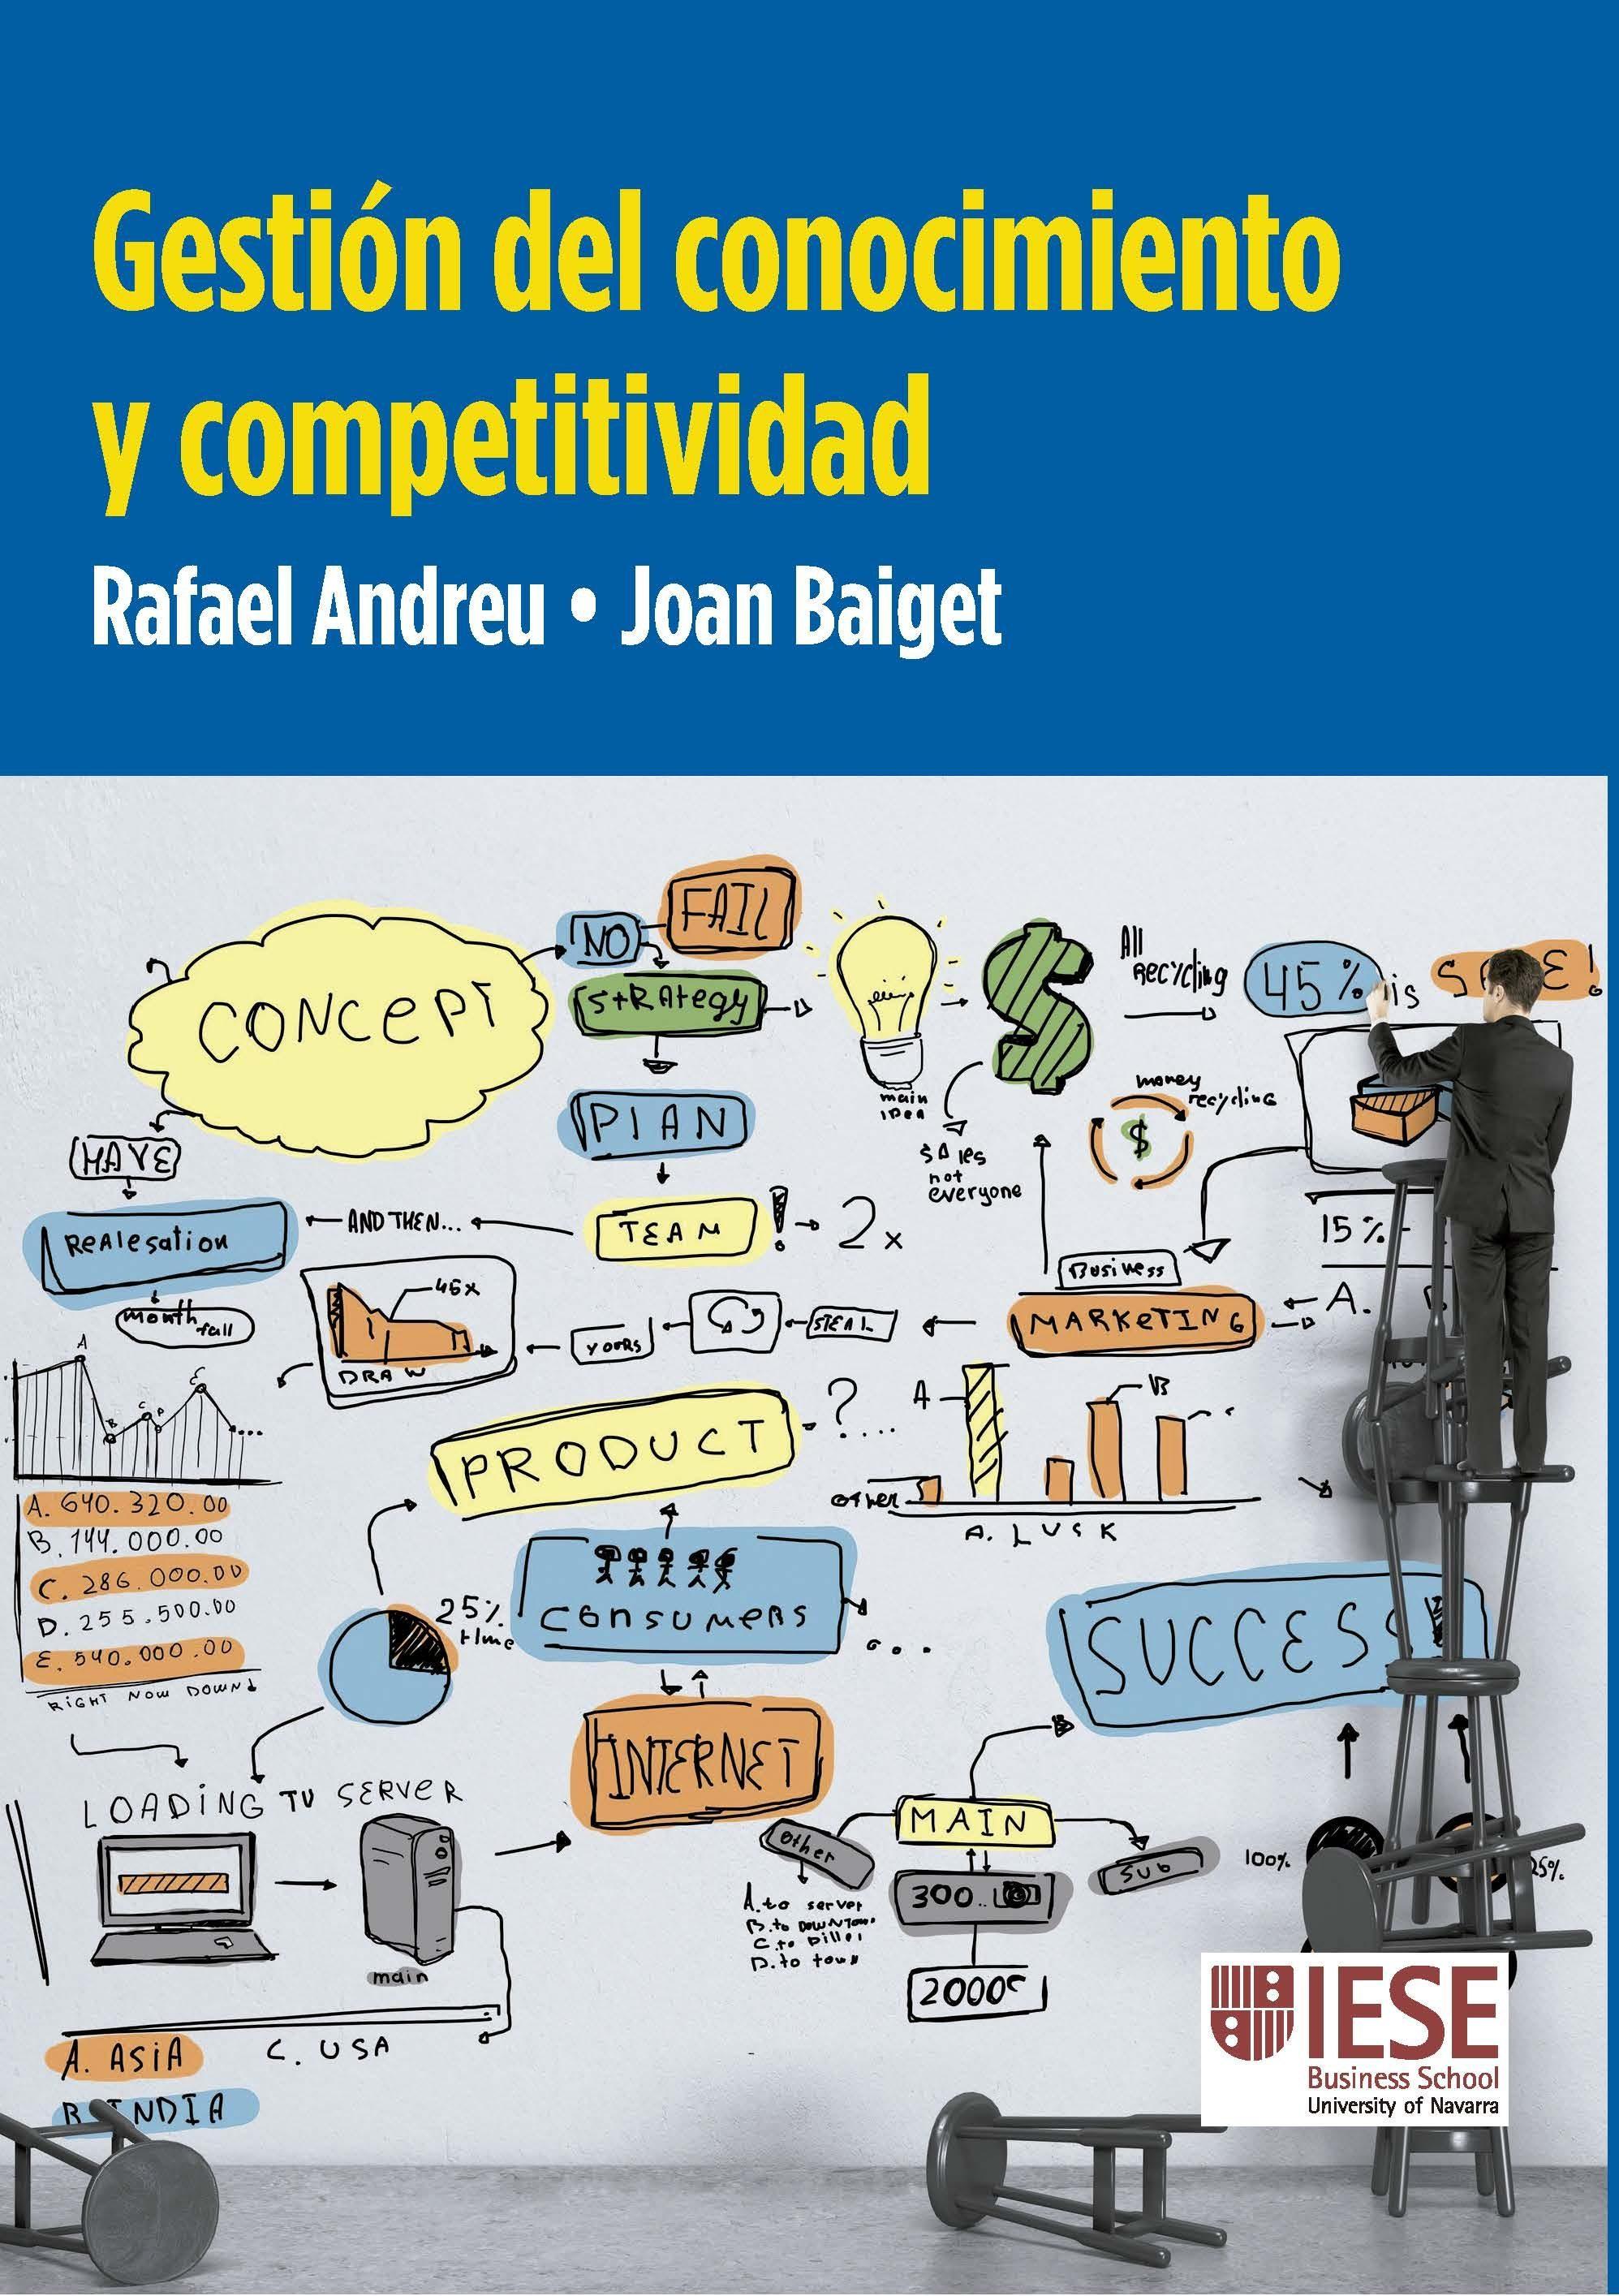 Resultado de imagen para Gestión del conocimiento y competitividad